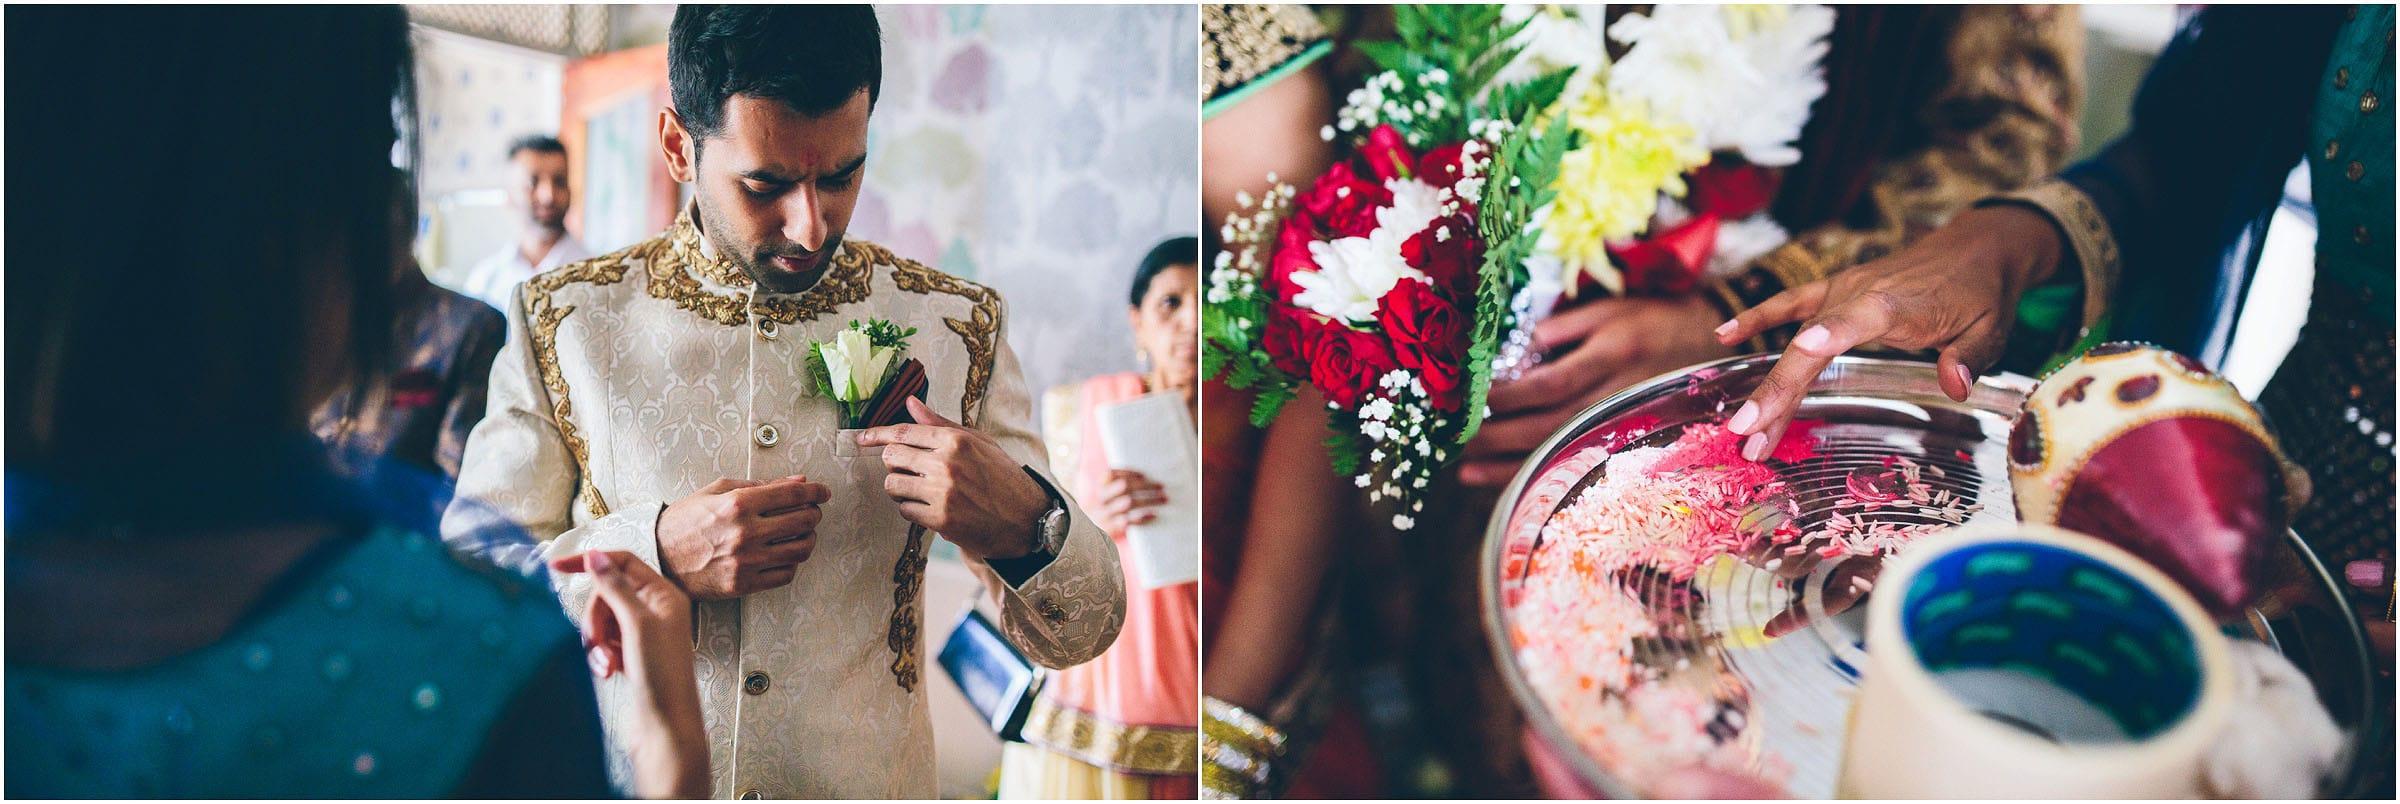 indian_wedding_photography_0034